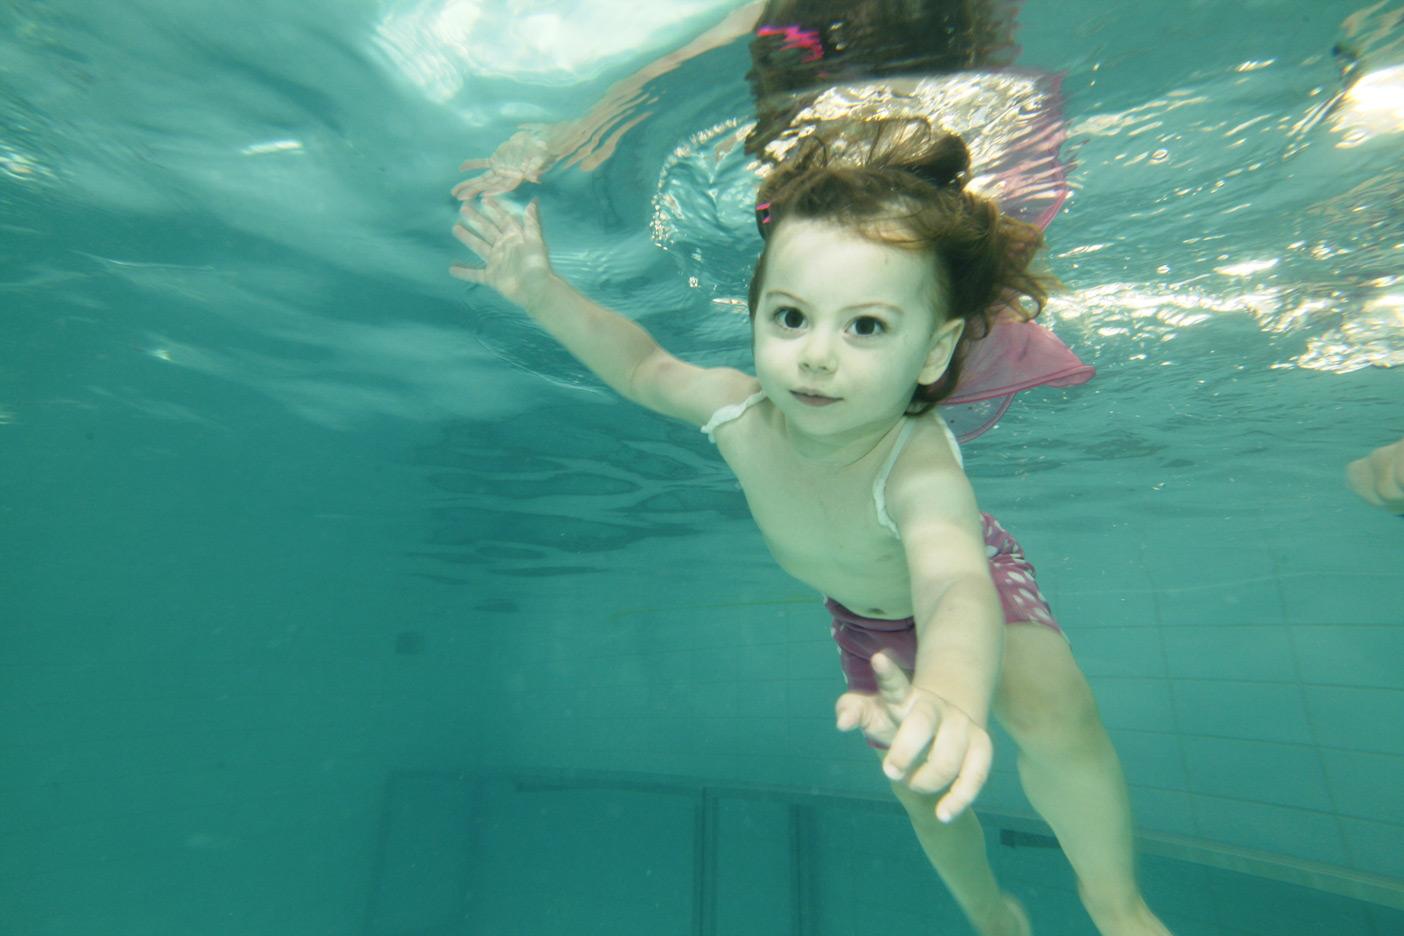 μωρά που κάνουν βουτιές! Baby Swimming υποβρύχια φωτογράφιση βρεφικής κολύμβησης - Ιχθείς Aqua Club - Baby Swimming Θεσσαλονίκη